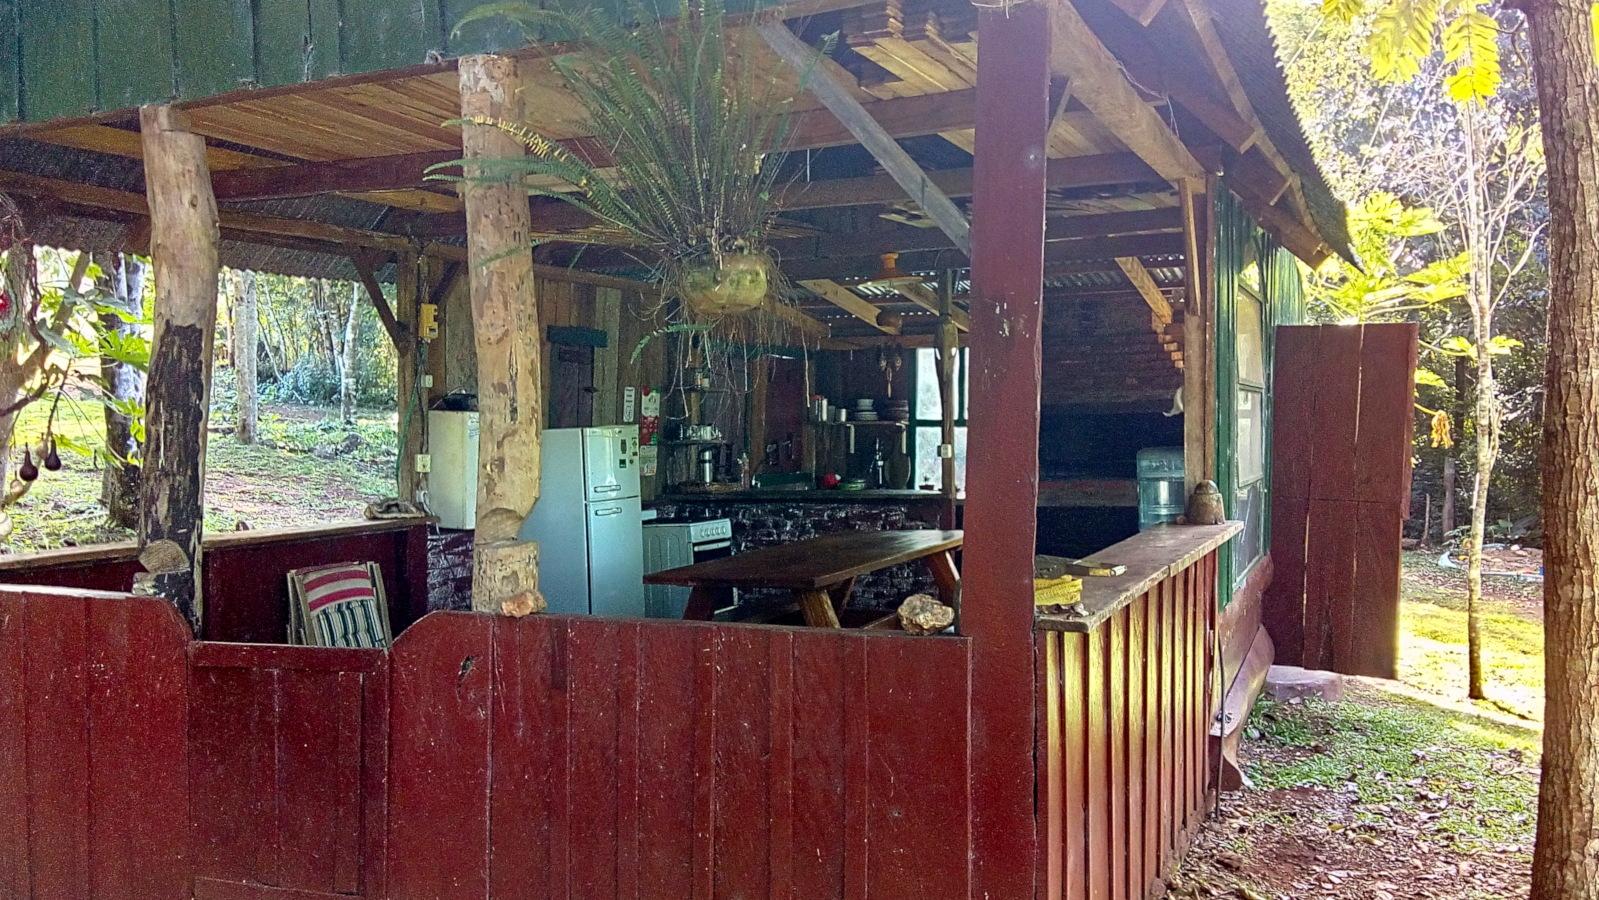 Parrillero, heladera, comedor al aire libre en cabañas Buena Vista. El Soberbio, Misiones